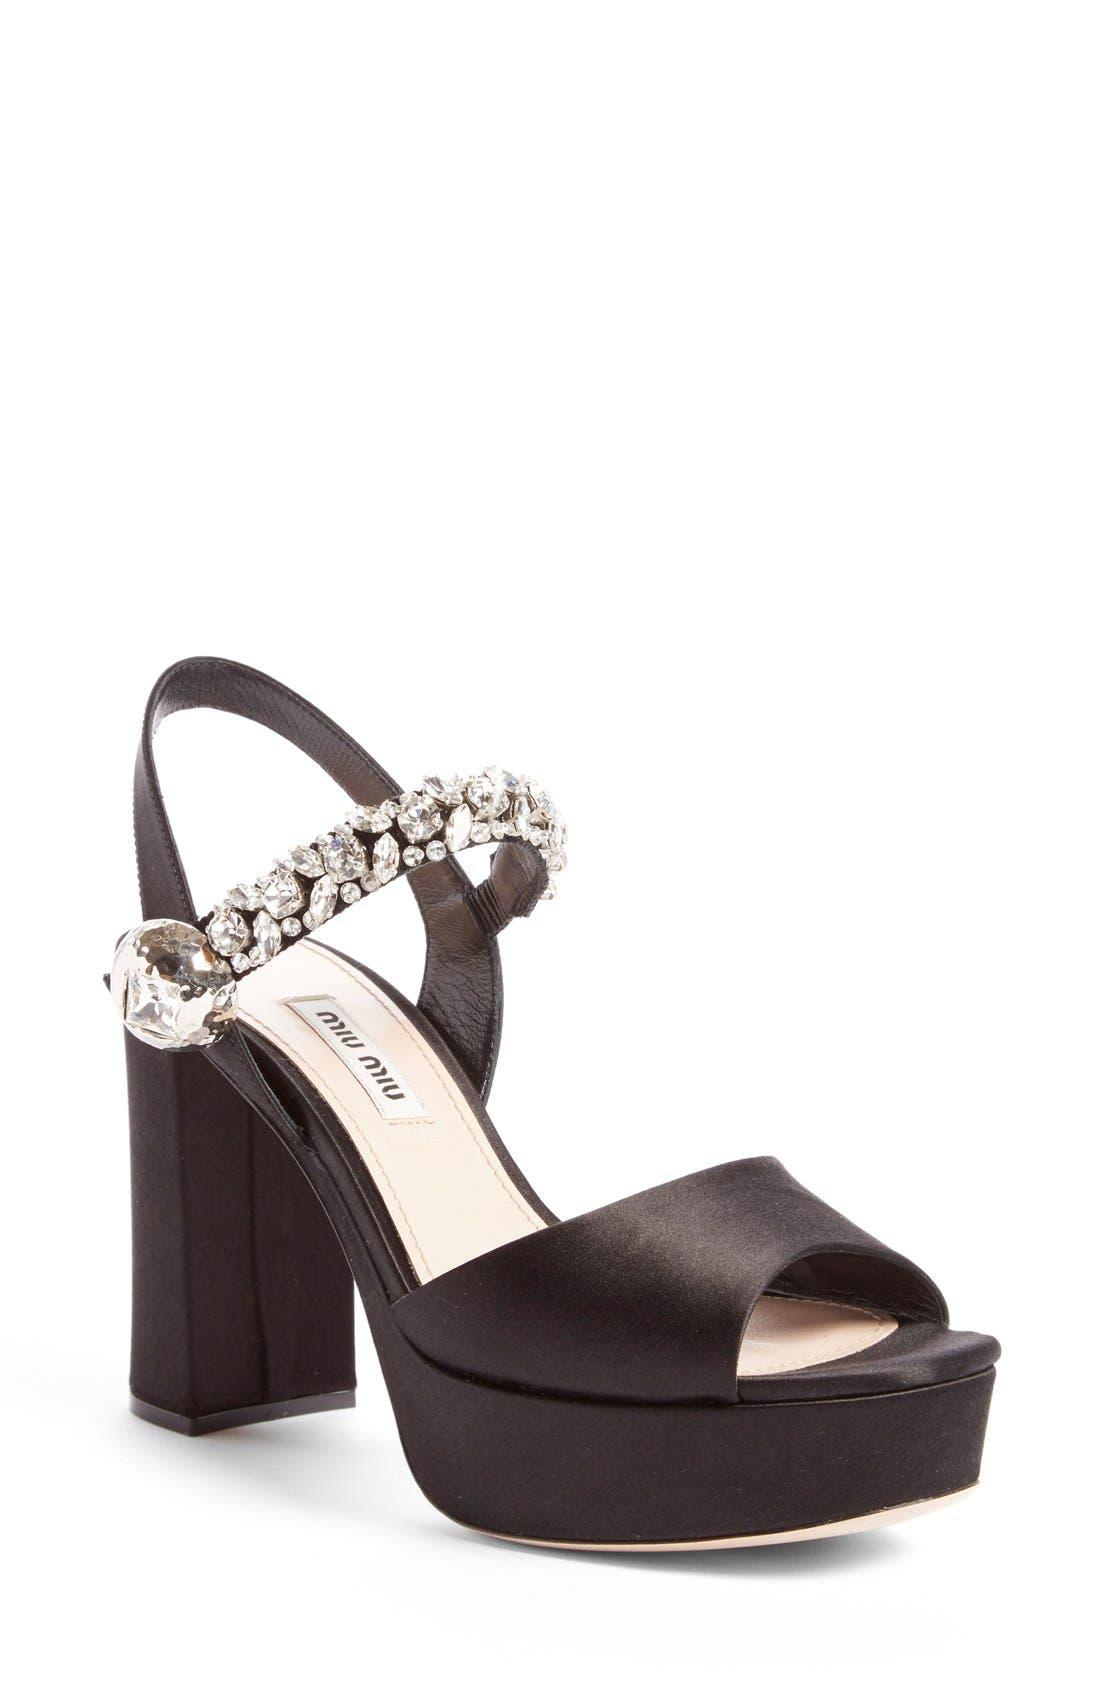 Main Image - Miu Miu Crystal Embellished Platform Sandal (Women)